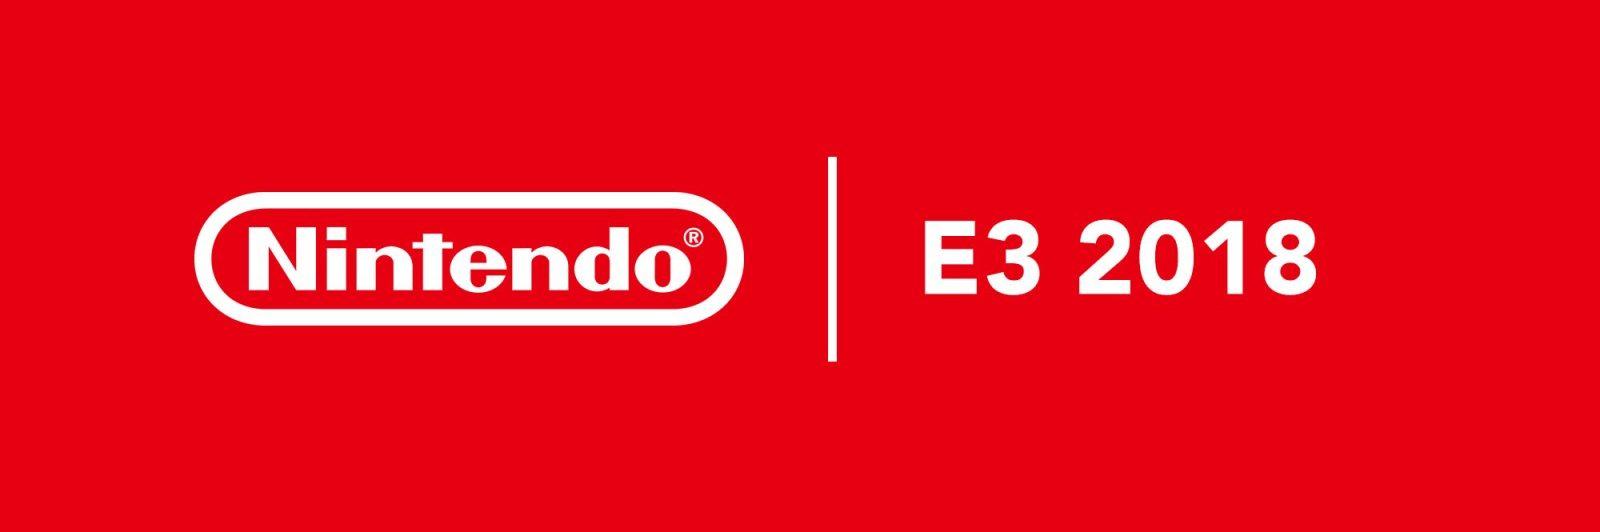 #NintendoPUG 2018: Resumen de la conferencia de Nintendo